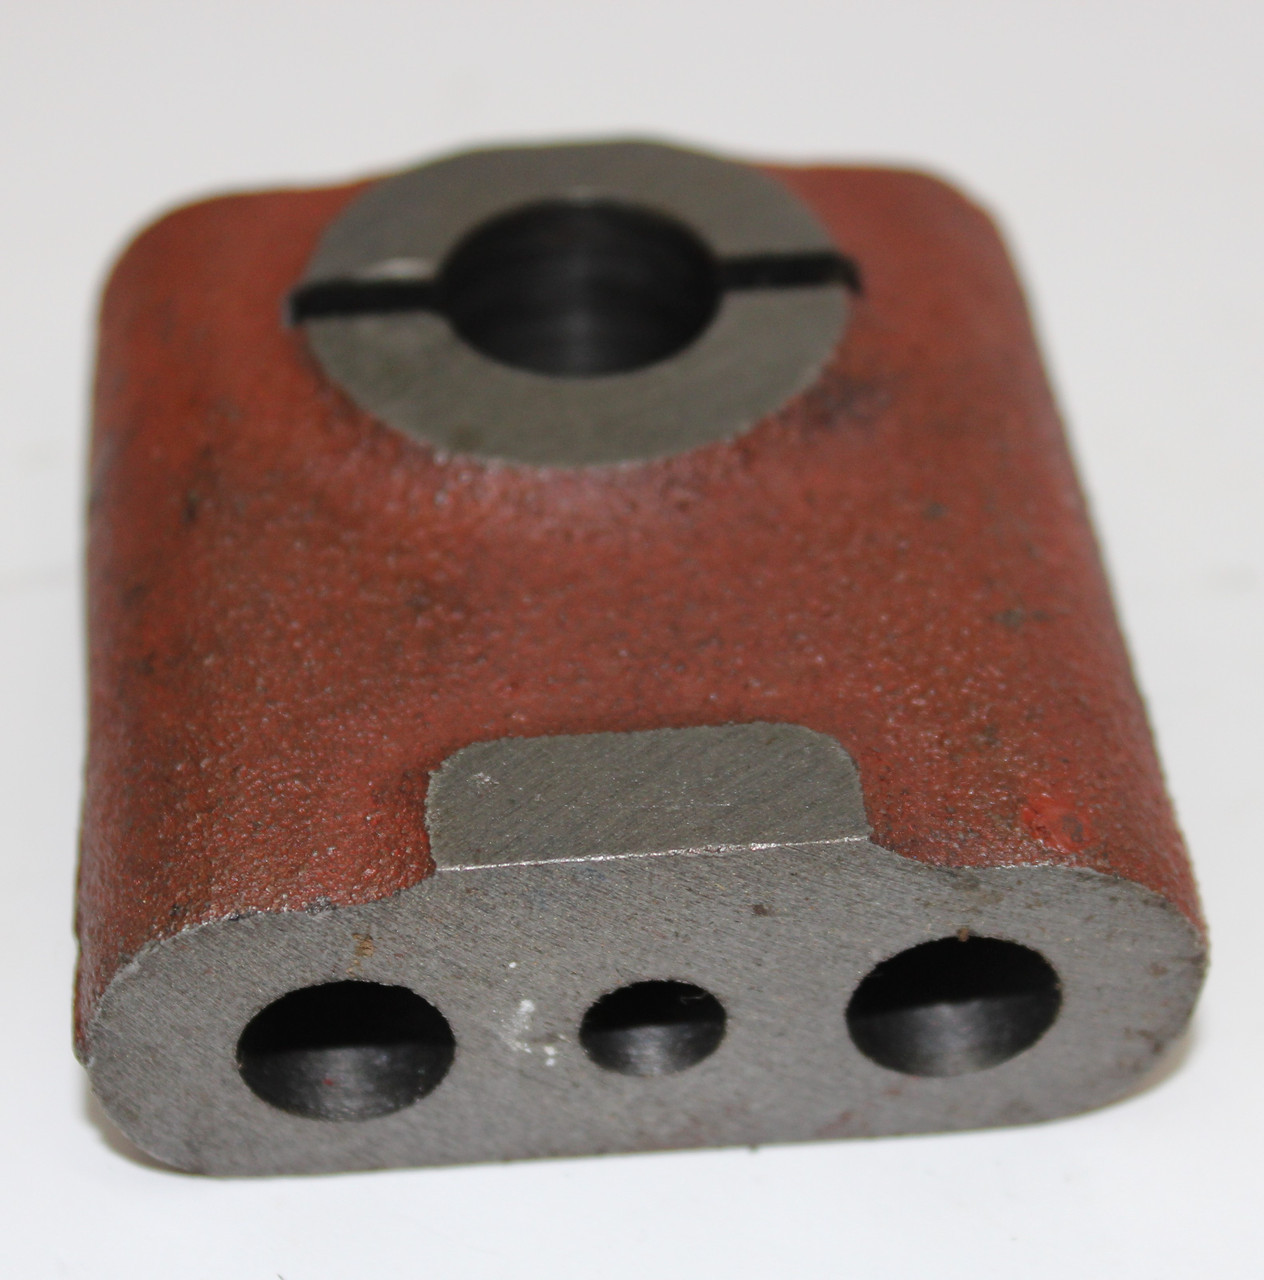 Стійка МТЗ осі коромисел задня (з отвором під мастило) 240-1007151-Б-01